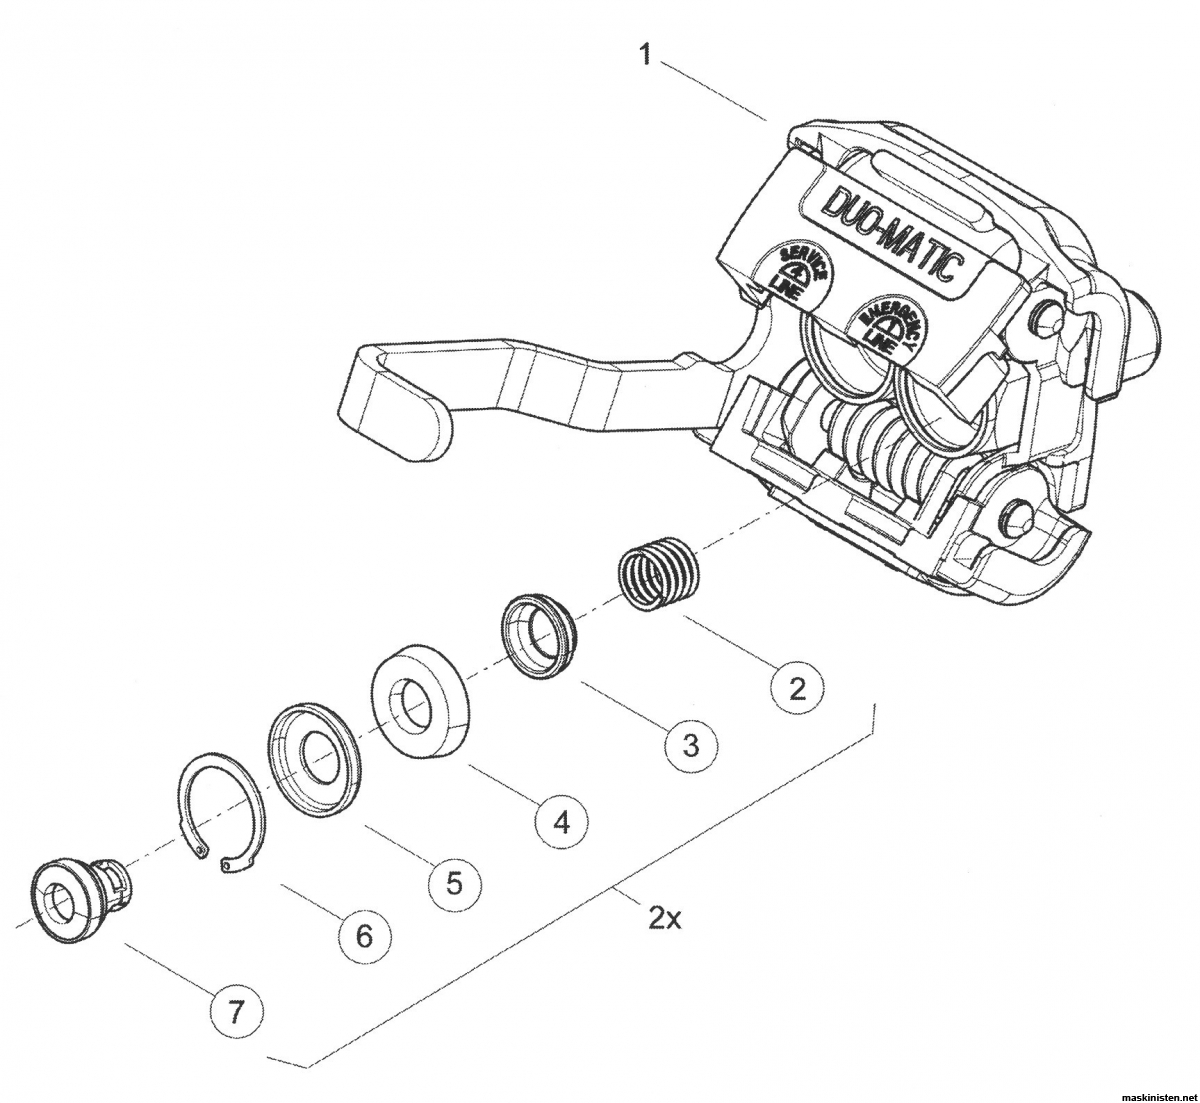 Tryckluftsbromssystem på tunga släpvagnar • Maskinisten